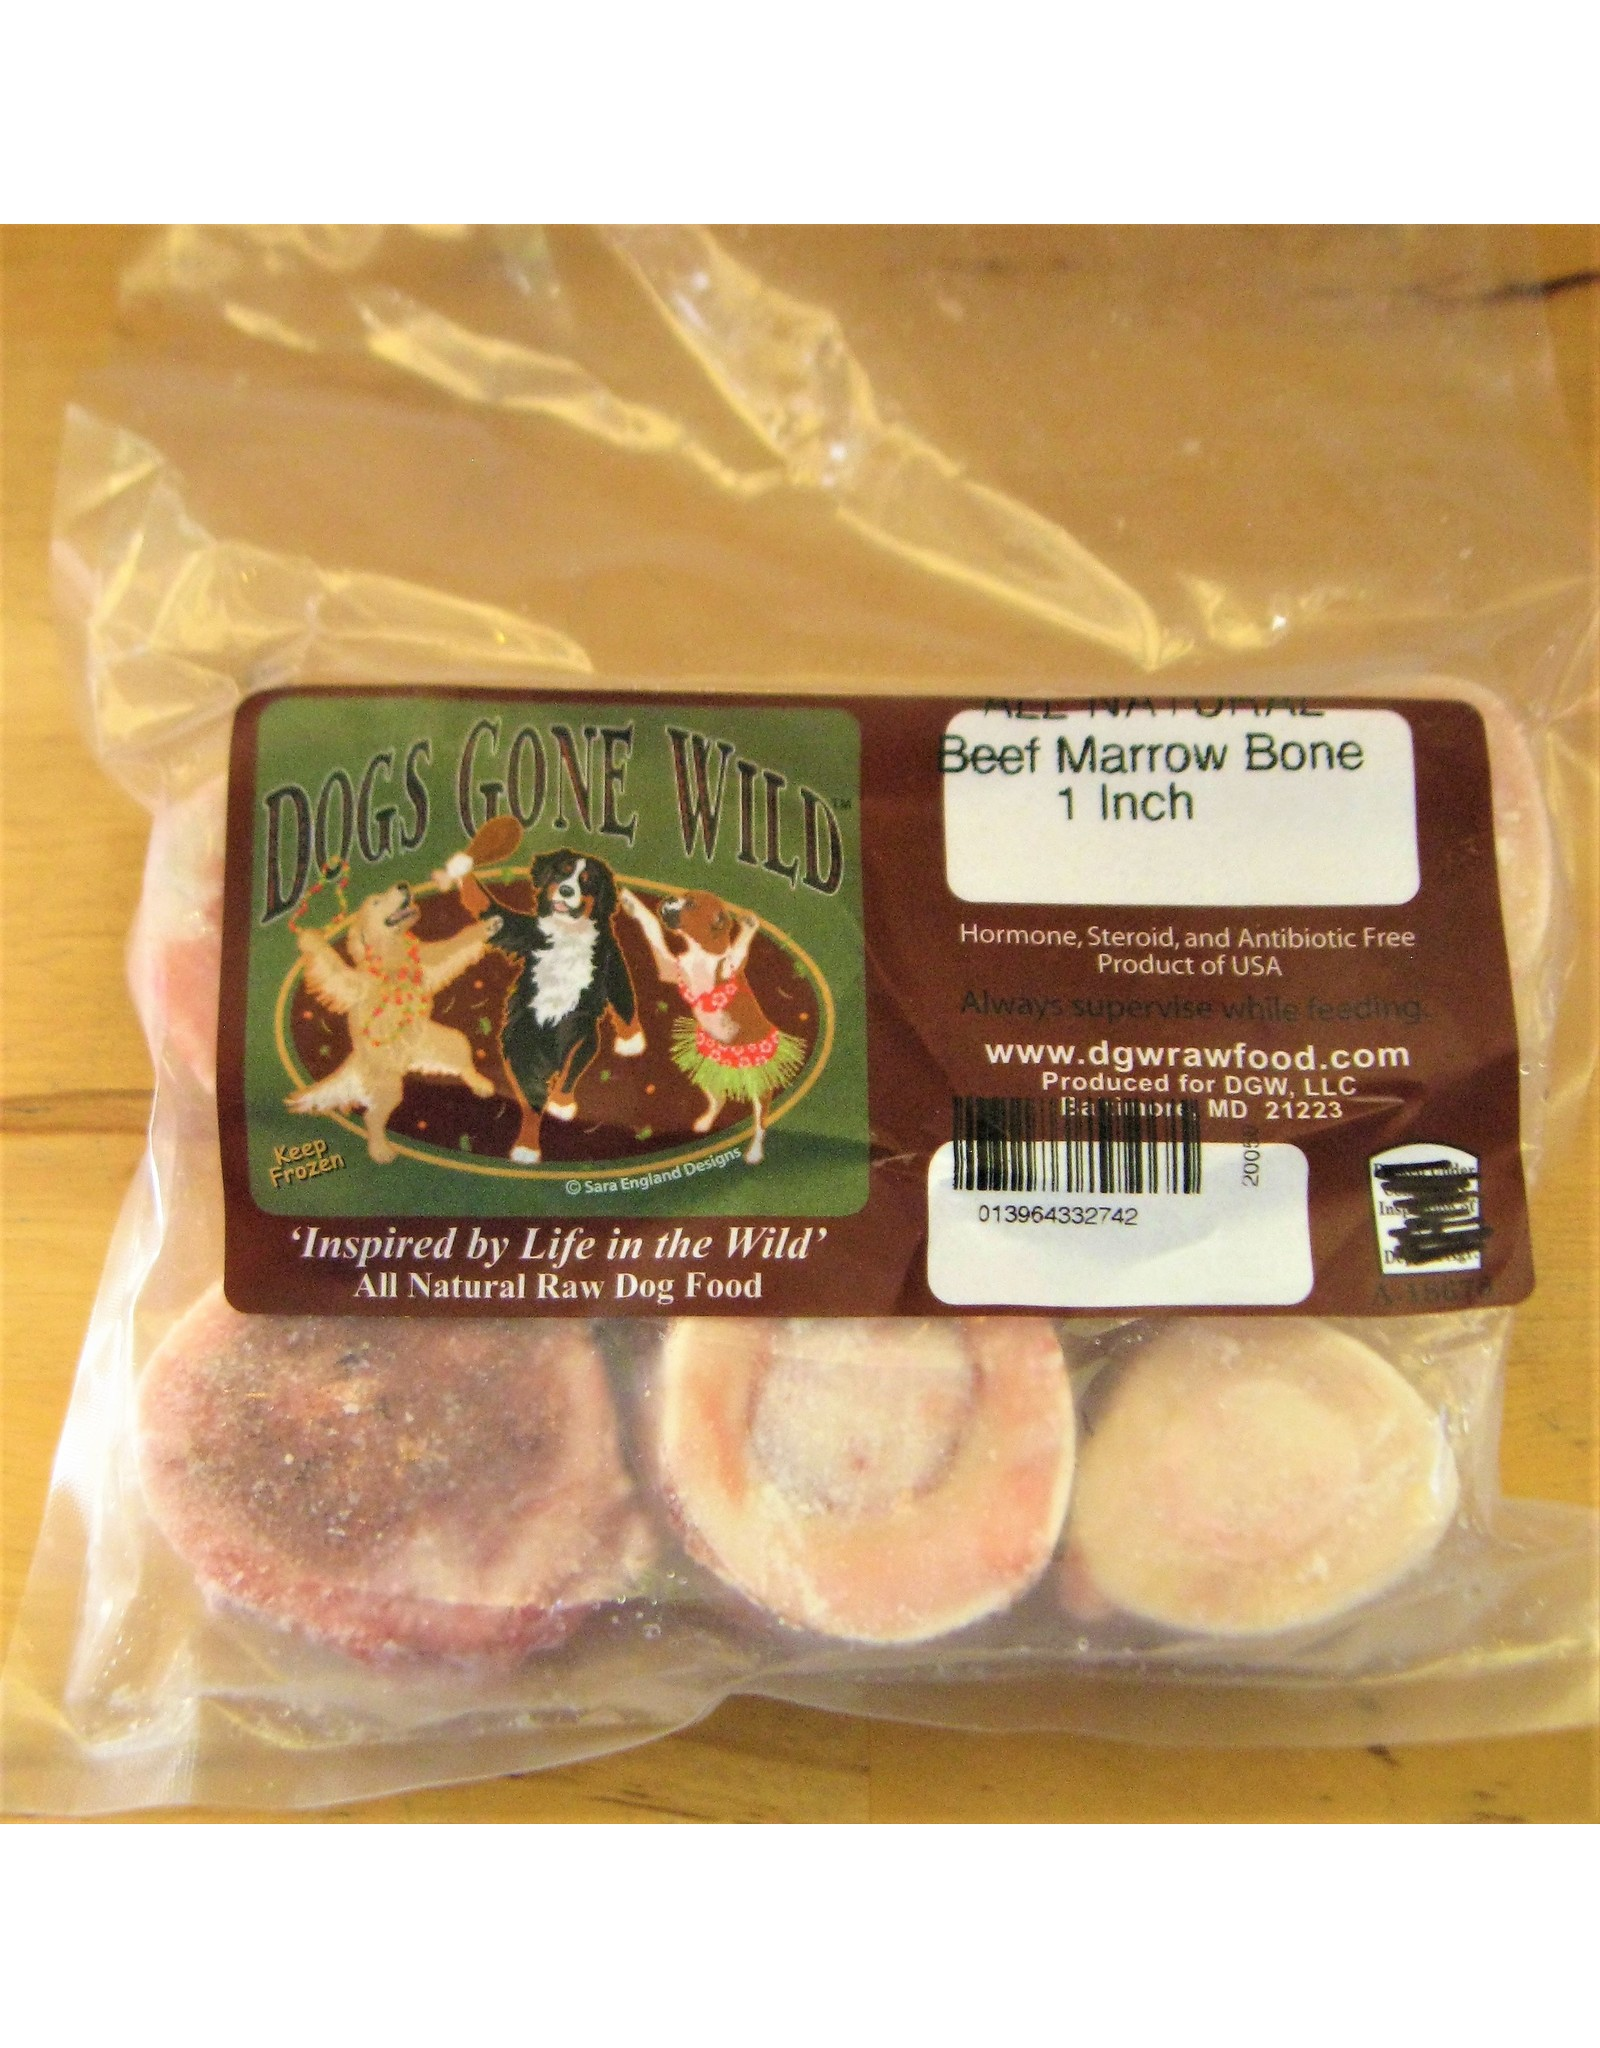 Dogs Gone Wild Dogs Gone Wild 1 inch Frozen Beef Marrow Bones 6pk